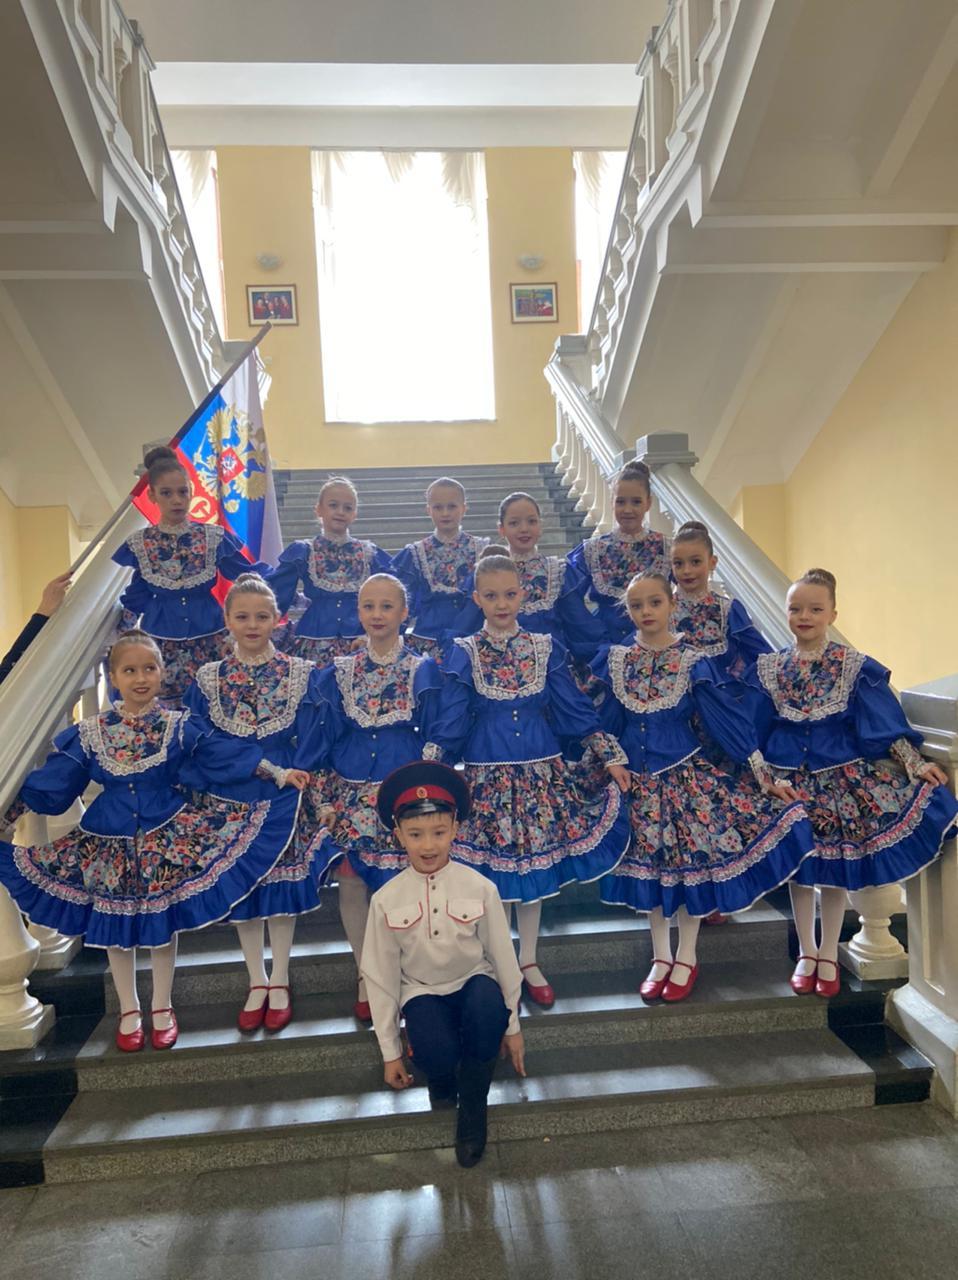 Образцовый хореографический коллектив «Гранд Па» принял участие в международном фестивале «Казачья душа»